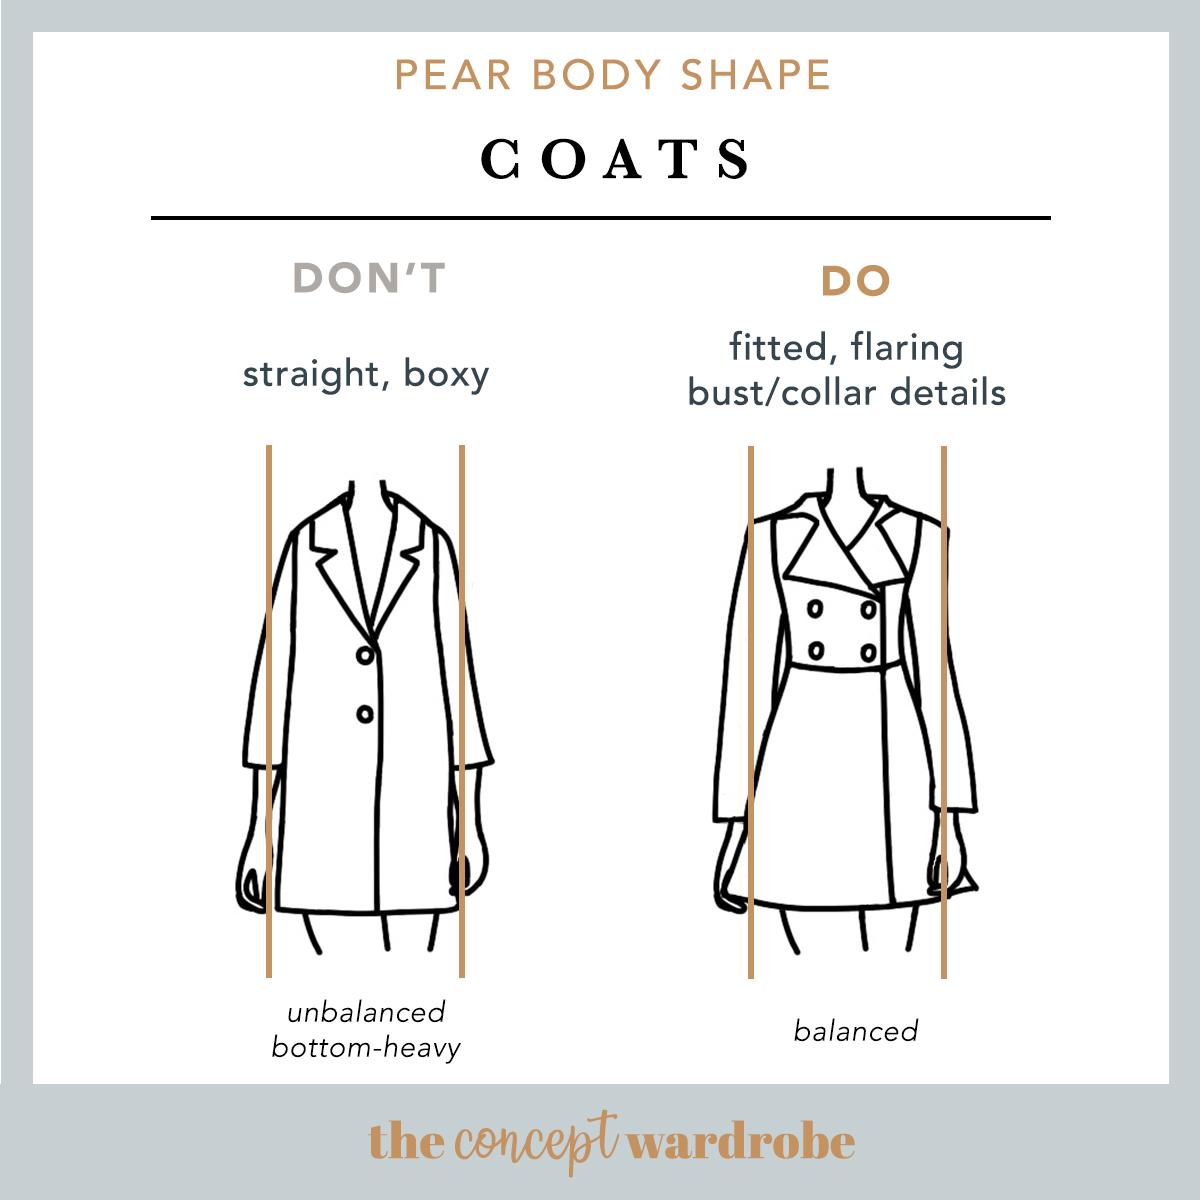 Pear Body Shape Coats Do's and Don'ts - the concept wardrobe